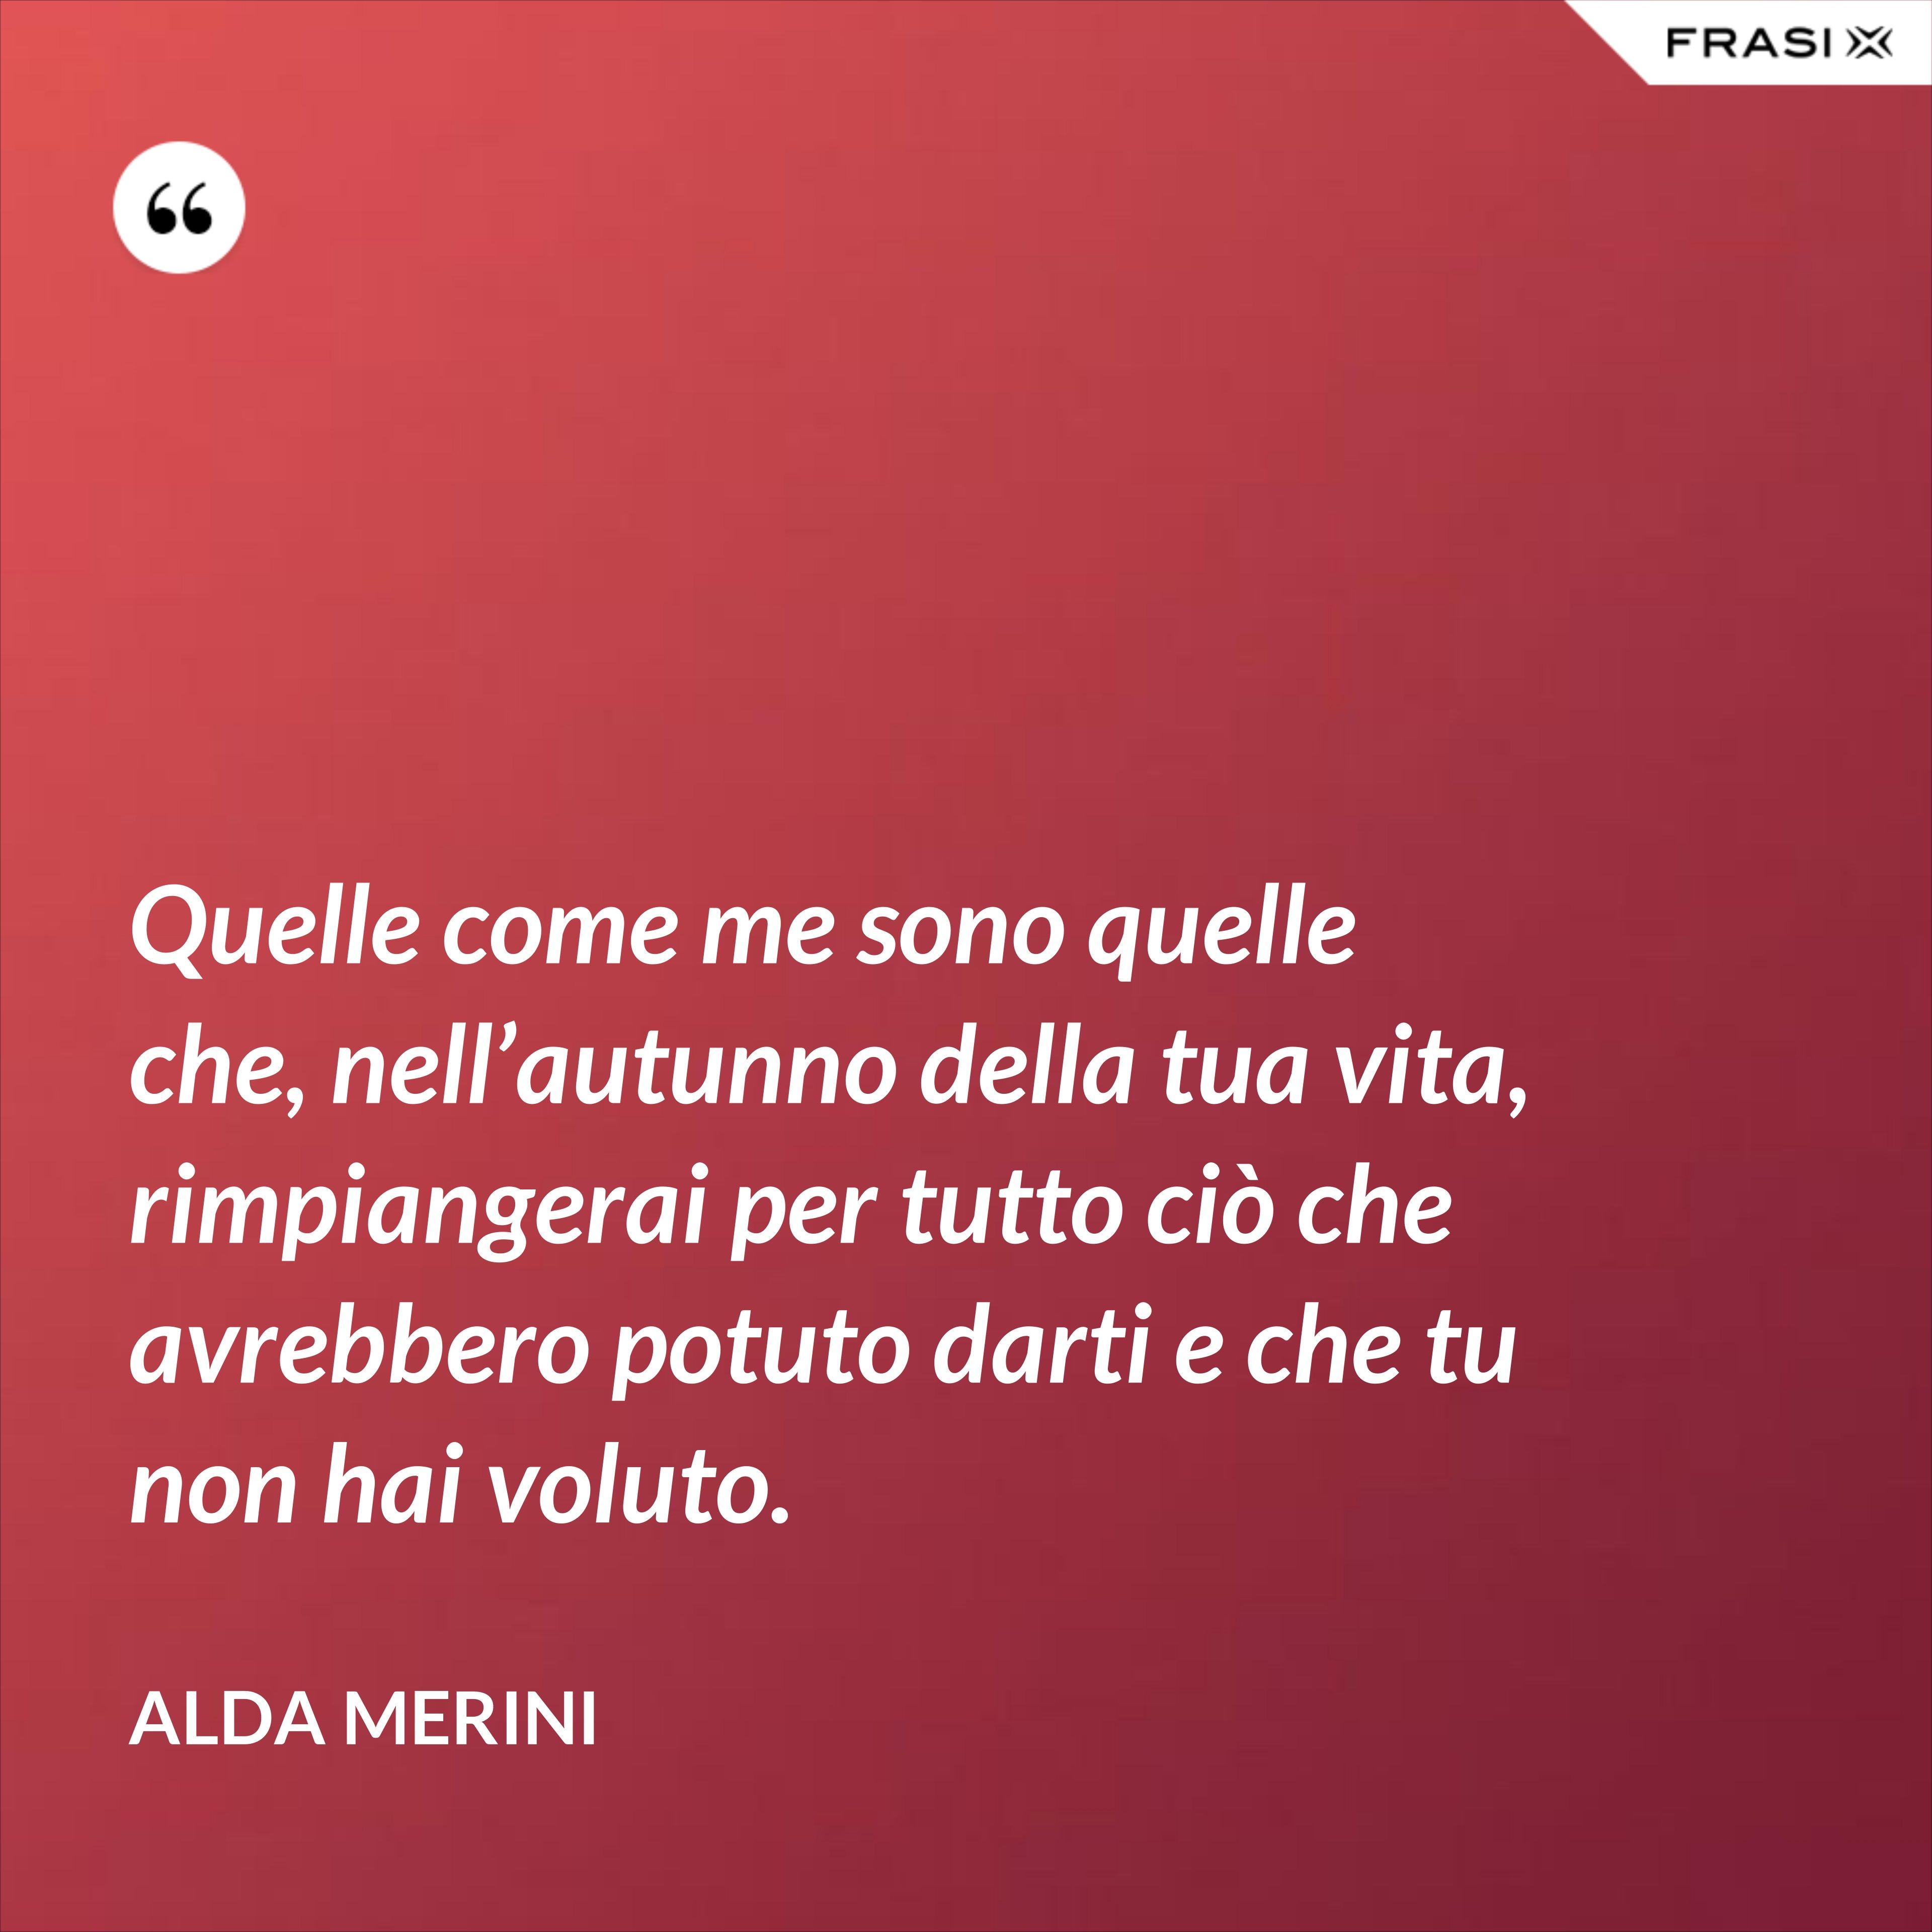 Quelle come me sono quelle che, nell'autunno della tua vita, rimpiangerai per tutto ciò che avrebbero potuto darti e che tu non hai voluto. - Alda Merini